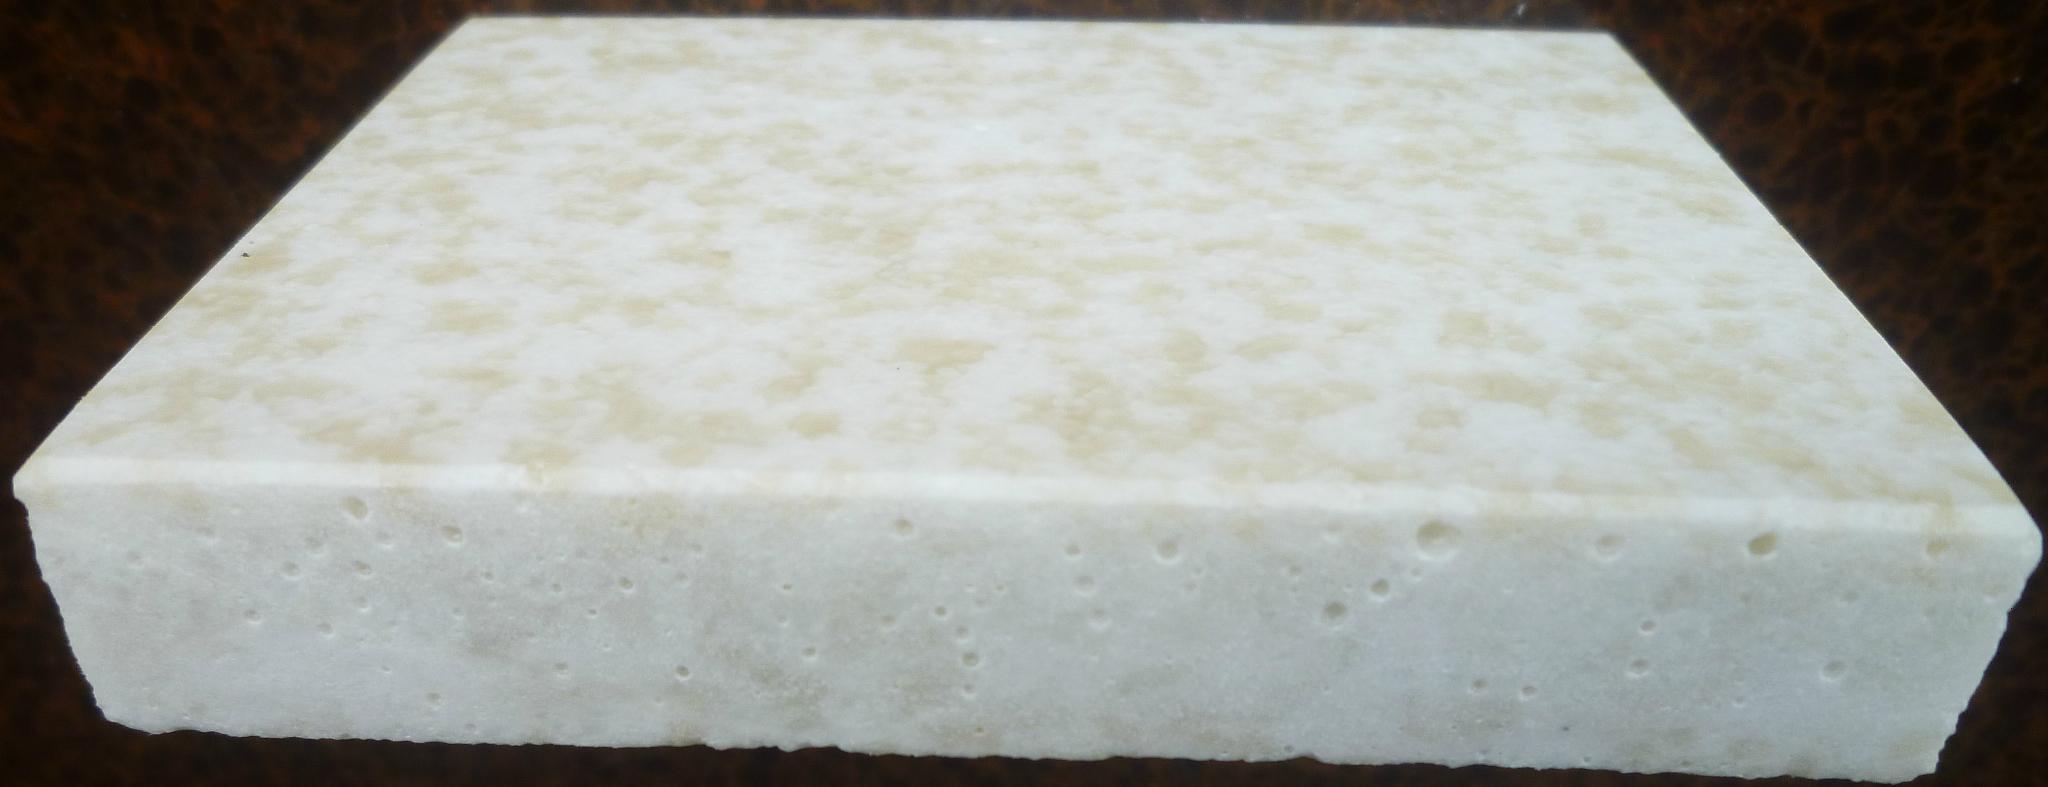 流沙白通體微晶石大板佛山生產製造商 2